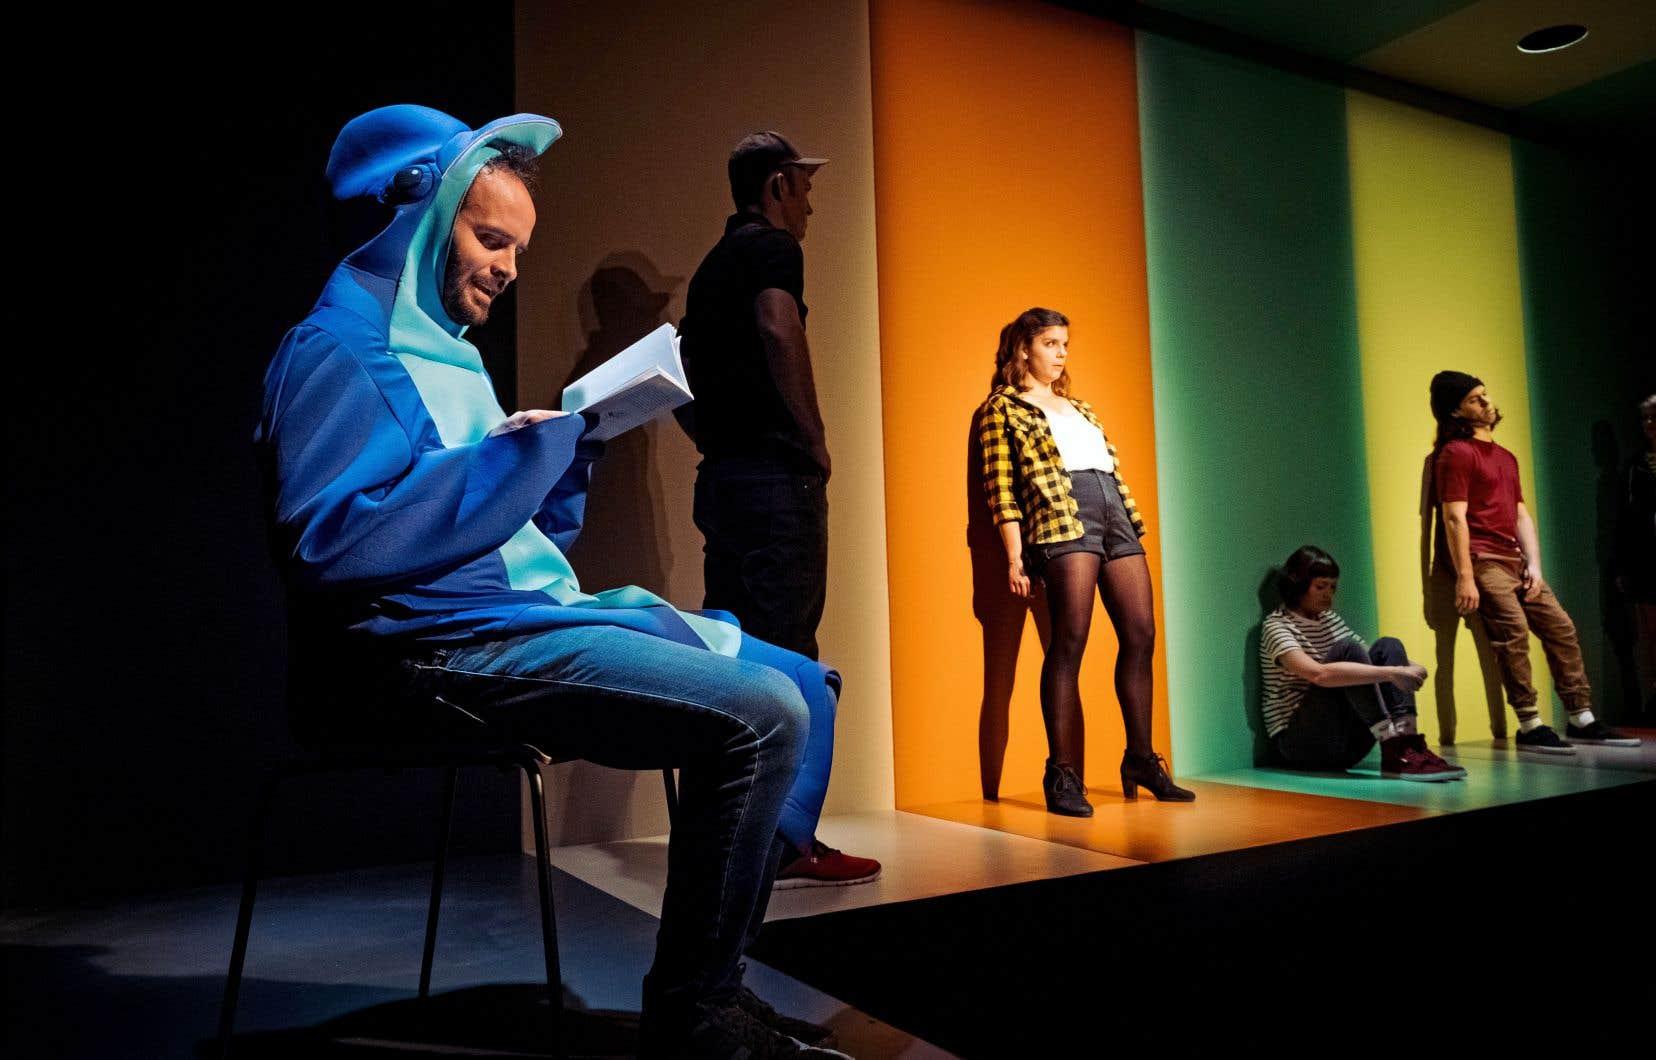 Déguisé en dauphin, le metteur en scène Michel-Maxime Legault s'est campé, sur le côté de la scène, en narrateur un peu sarcastique. Il lit les didascalies.